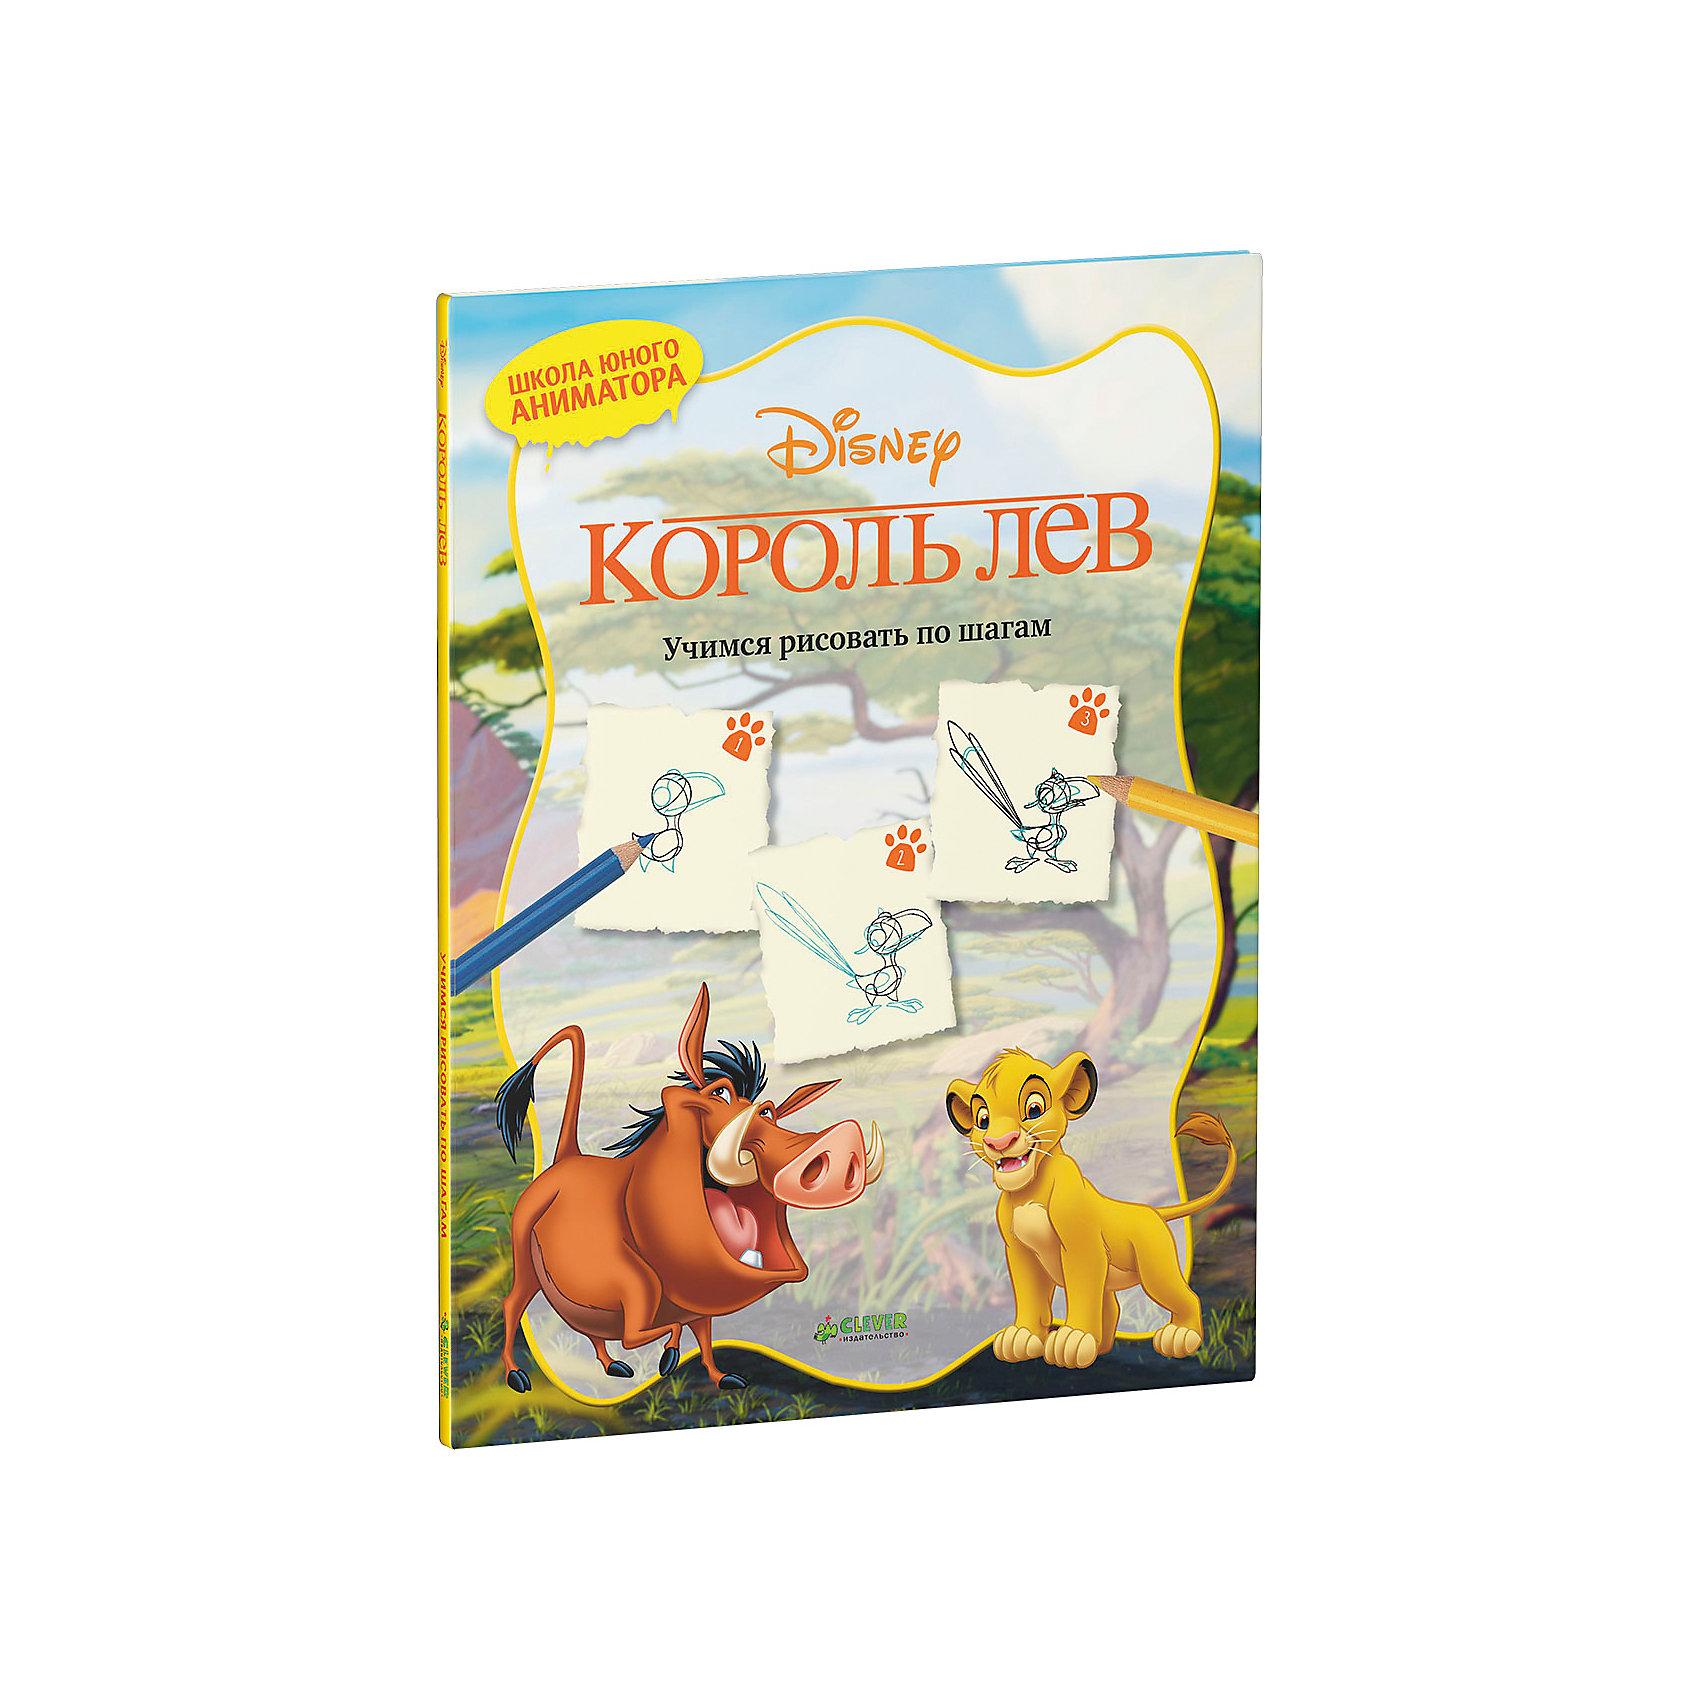 Учимся рисовать по шагам Король ЛевРаскраски по номерам<br>Чудесная книга-рисовалка Король Лев откроет Вам все секреты художников-аниматоров волшебного мира Disney и Disney/Pixar. Следуя простым и понятным пошаговым инструкциям, Вы с лёгкостью научитесь рисовать своих любимых героев - забавного львёнка Симбу, коварного Шрама, весельчаков Пумбу и Тимона и многих-многих других персонажей. Подробная инструкция и схемы рисования помогут с успехом выполнить задуманное. Альбом прекрасно развивает фантазию и воображение, внимание, усидчивость и мелкую моторику.<br><br>Дополнительная информация:<br><br>- Серия: Disney. Учимся рисовать.  <br>- Переплет: мягкая обложка.<br>- Иллюстрации: черно-белые + цветные.<br>- Объем: 64 стр. <br>- Размер: 28 x 21,5 x 0,6 см.<br>- Вес: 0,266 кг. <br><br>Книгу Учимся рисовать по шагам Король Лев, Клевер Медиа Групп, можно купить в нашем интернет-магазине.<br><br>Ширина мм: 280<br>Глубина мм: 210<br>Высота мм: 8<br>Вес г: 140<br>Возраст от месяцев: 48<br>Возраст до месяцев: 72<br>Пол: Унисекс<br>Возраст: Детский<br>SKU: 4544923